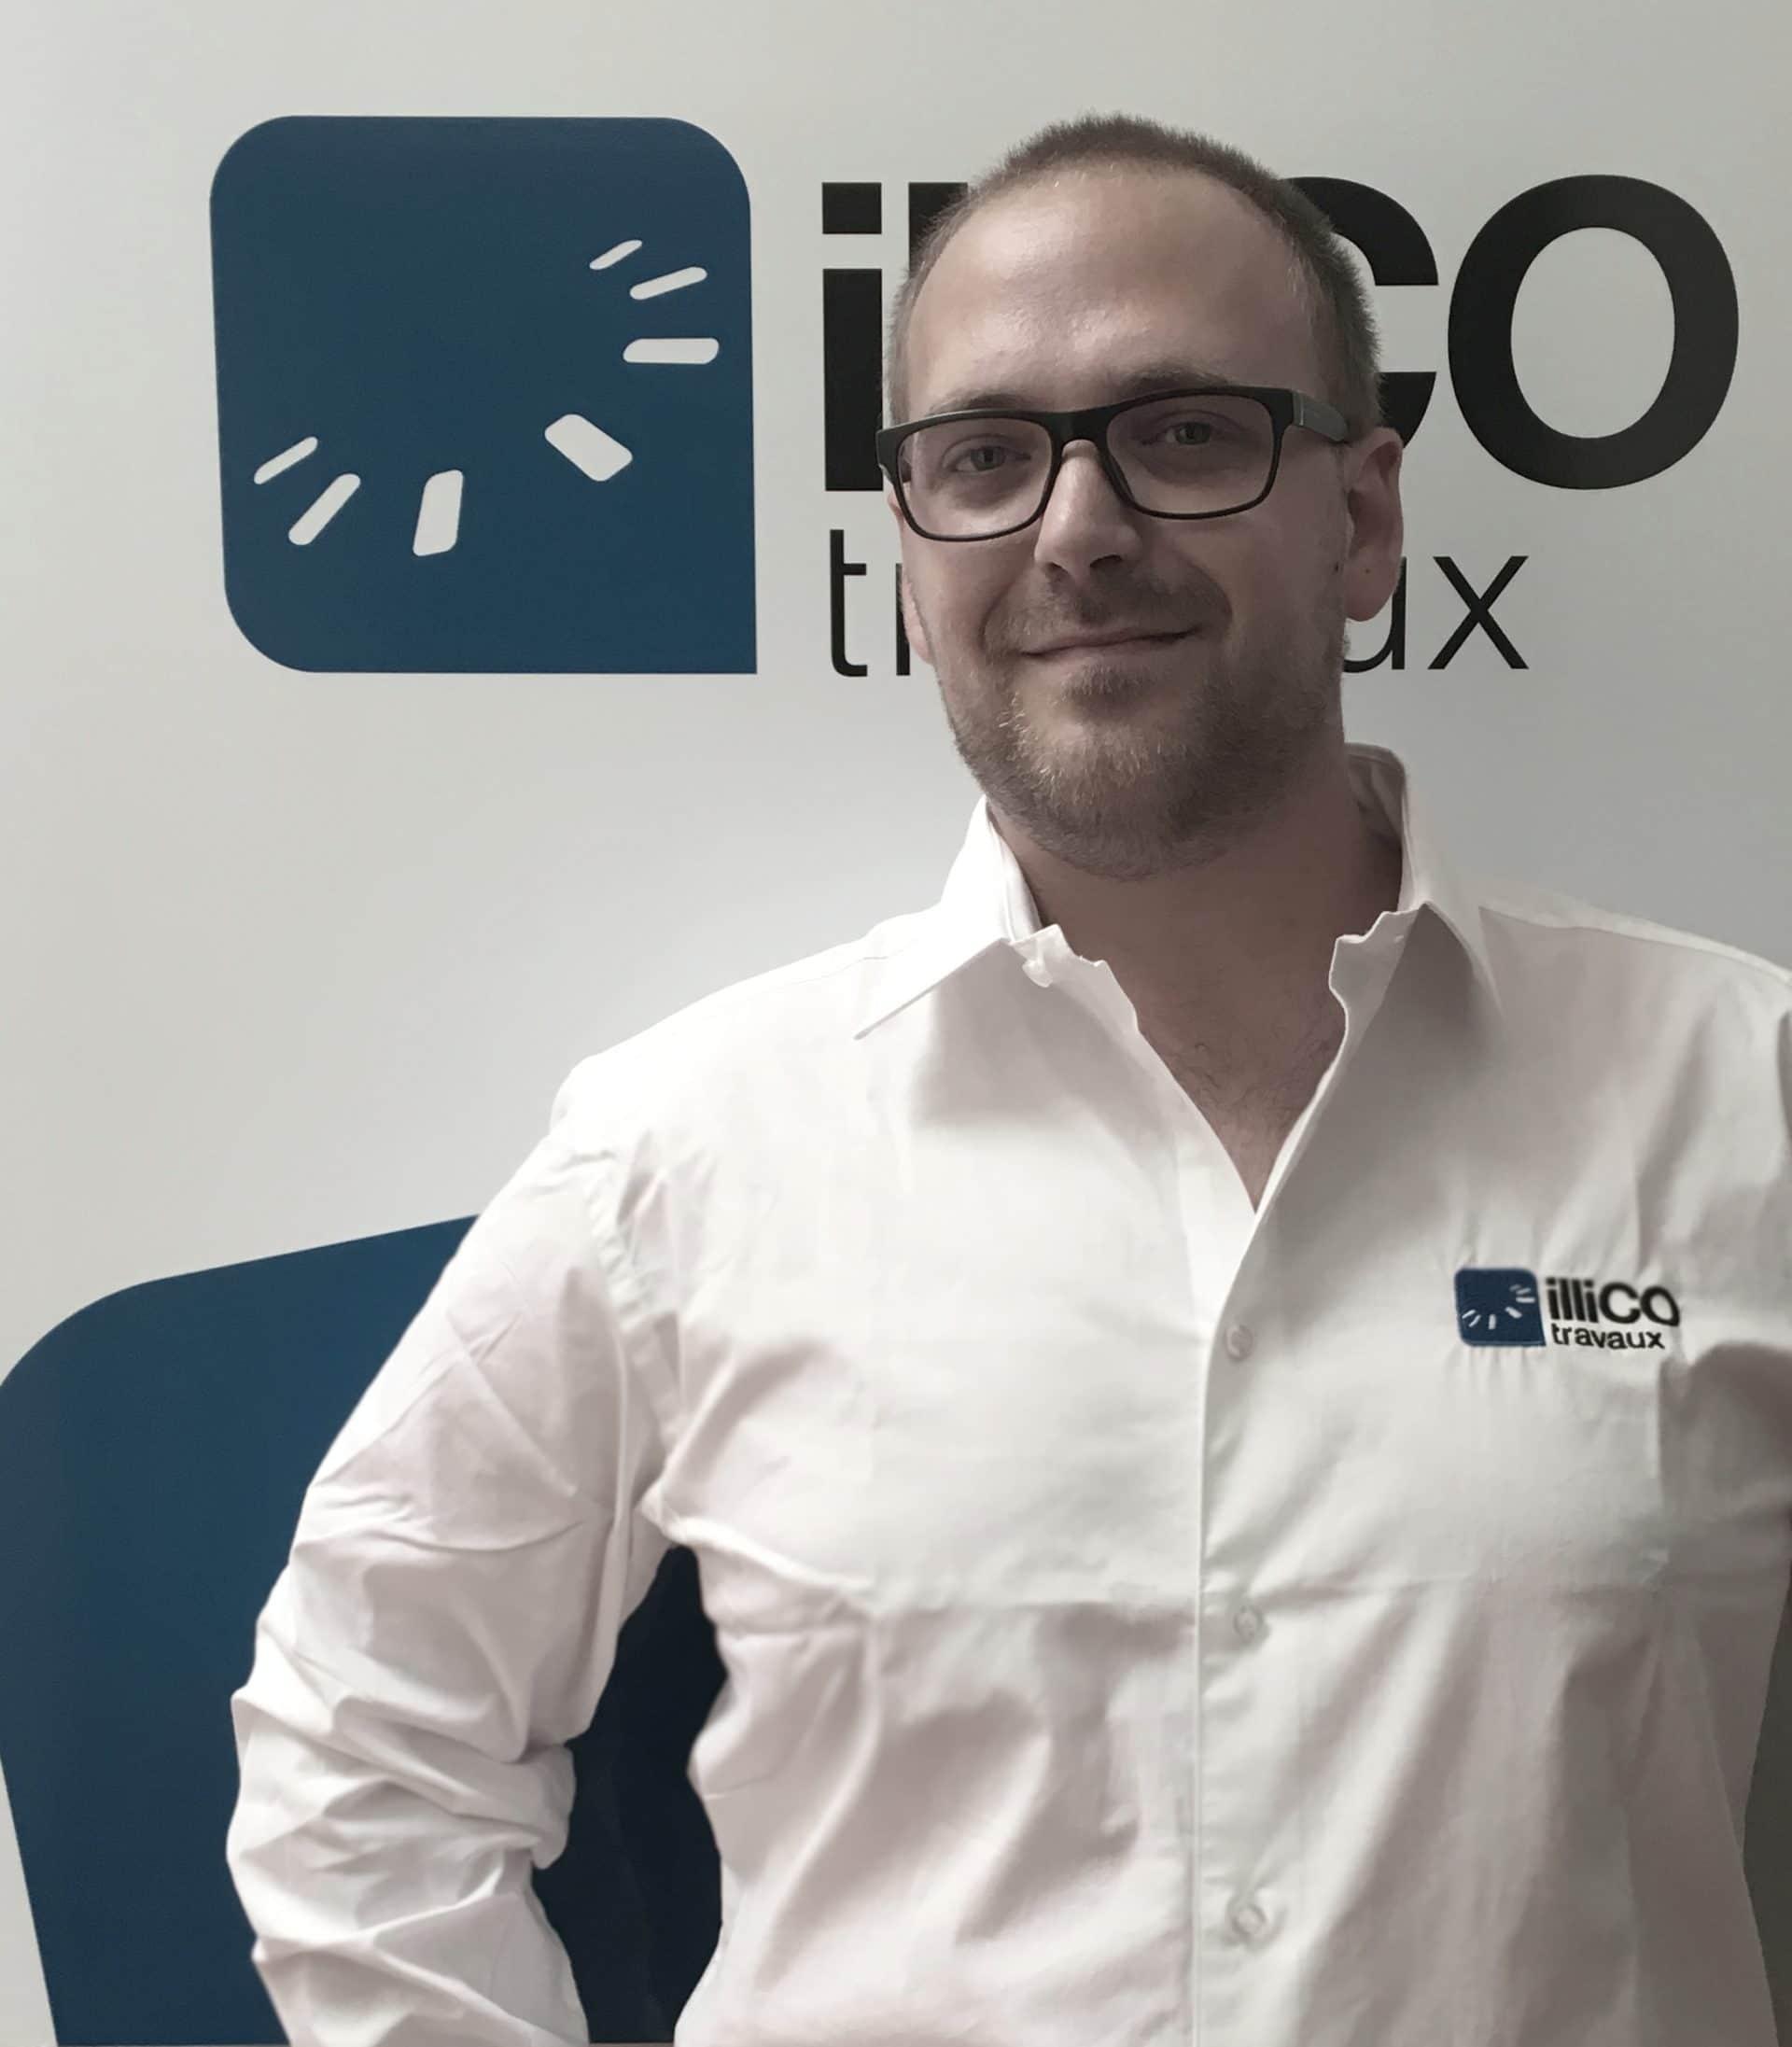 Témoignage vidéo de Nicolas CORDES, responsable de l'agence illiCO travaux Ormoy